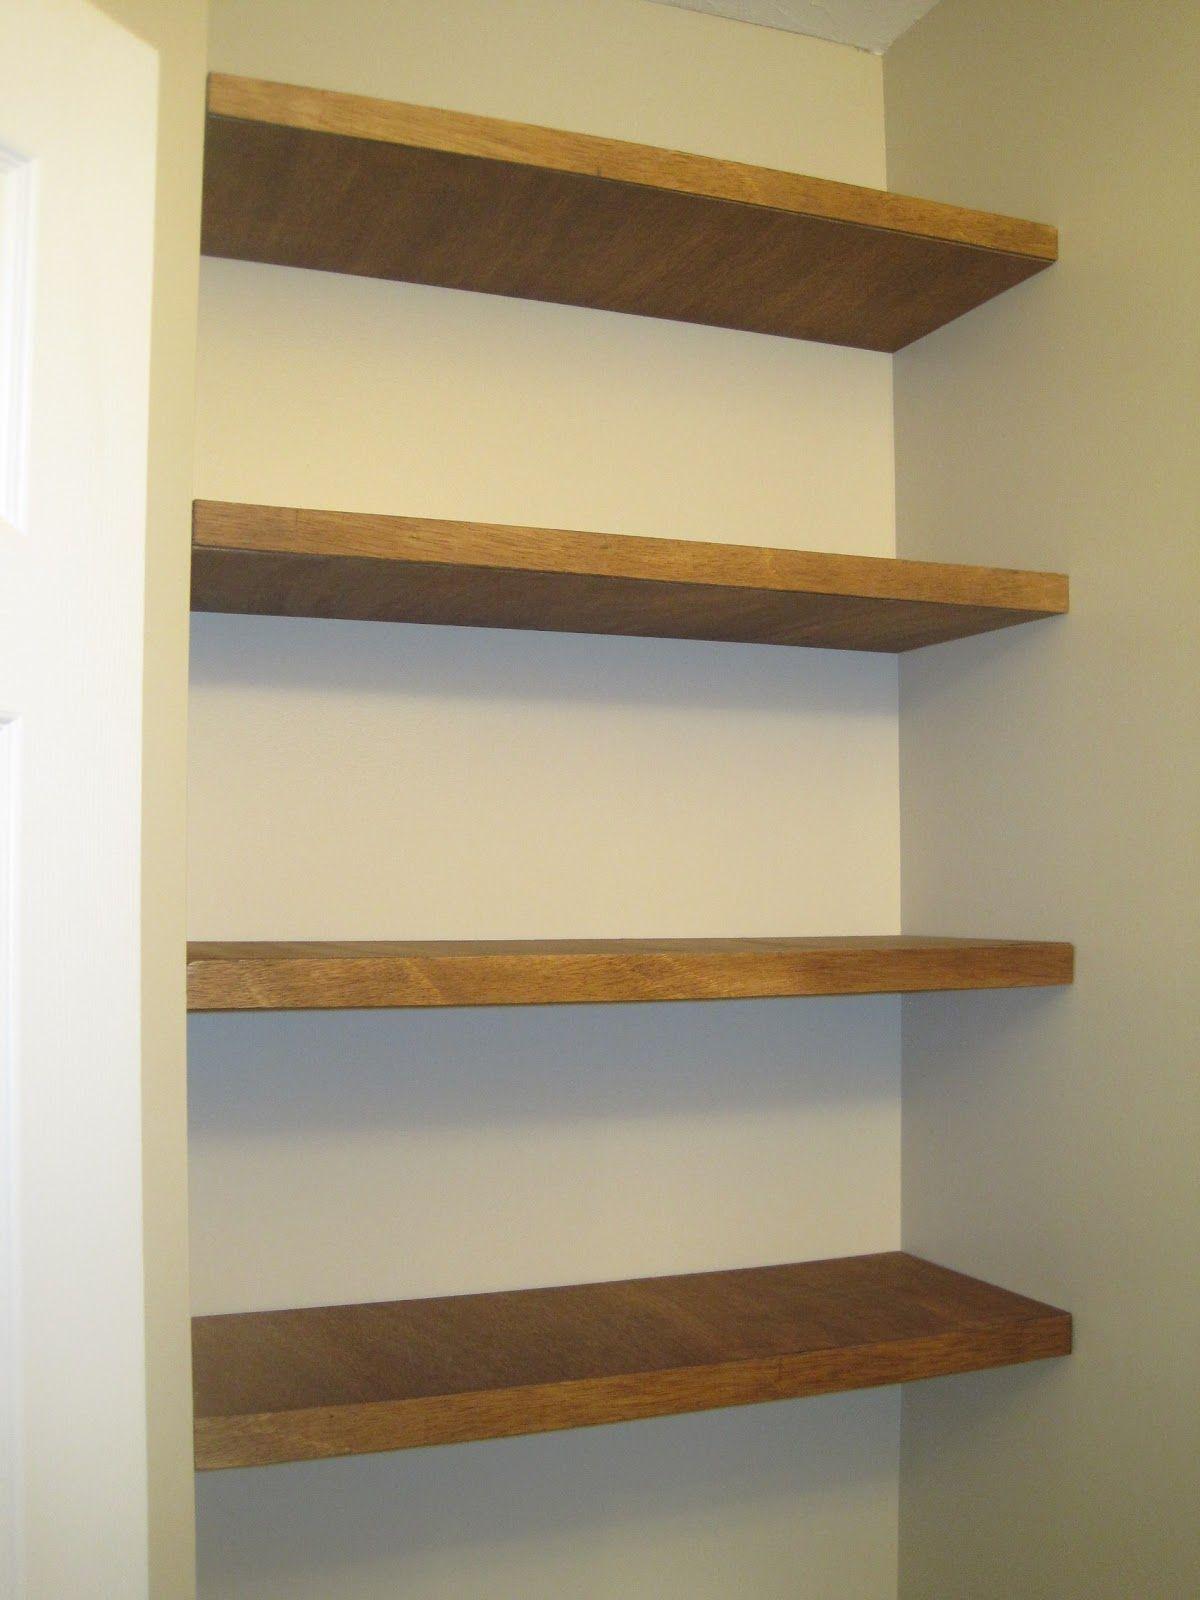 high resolution kitchen shelves diy 4 built in floating shelves rh pinterest it